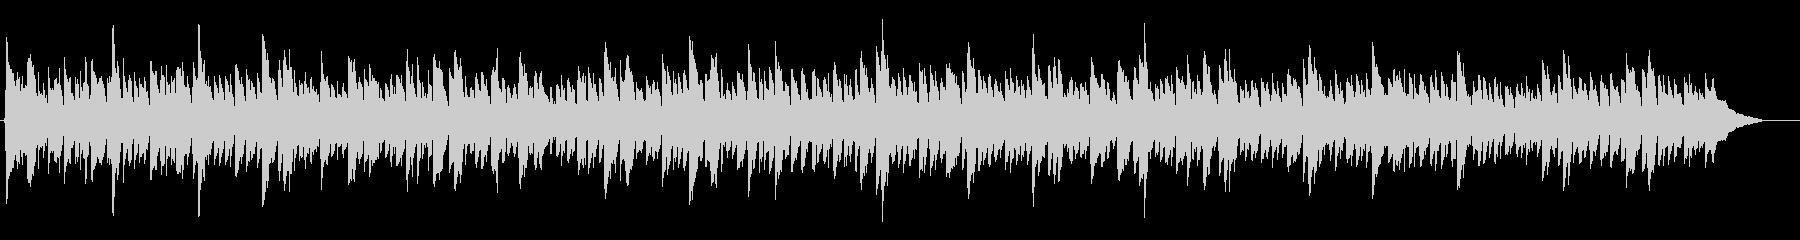 シンプル透明感アコギ アルペシオ 誠実なの未再生の波形